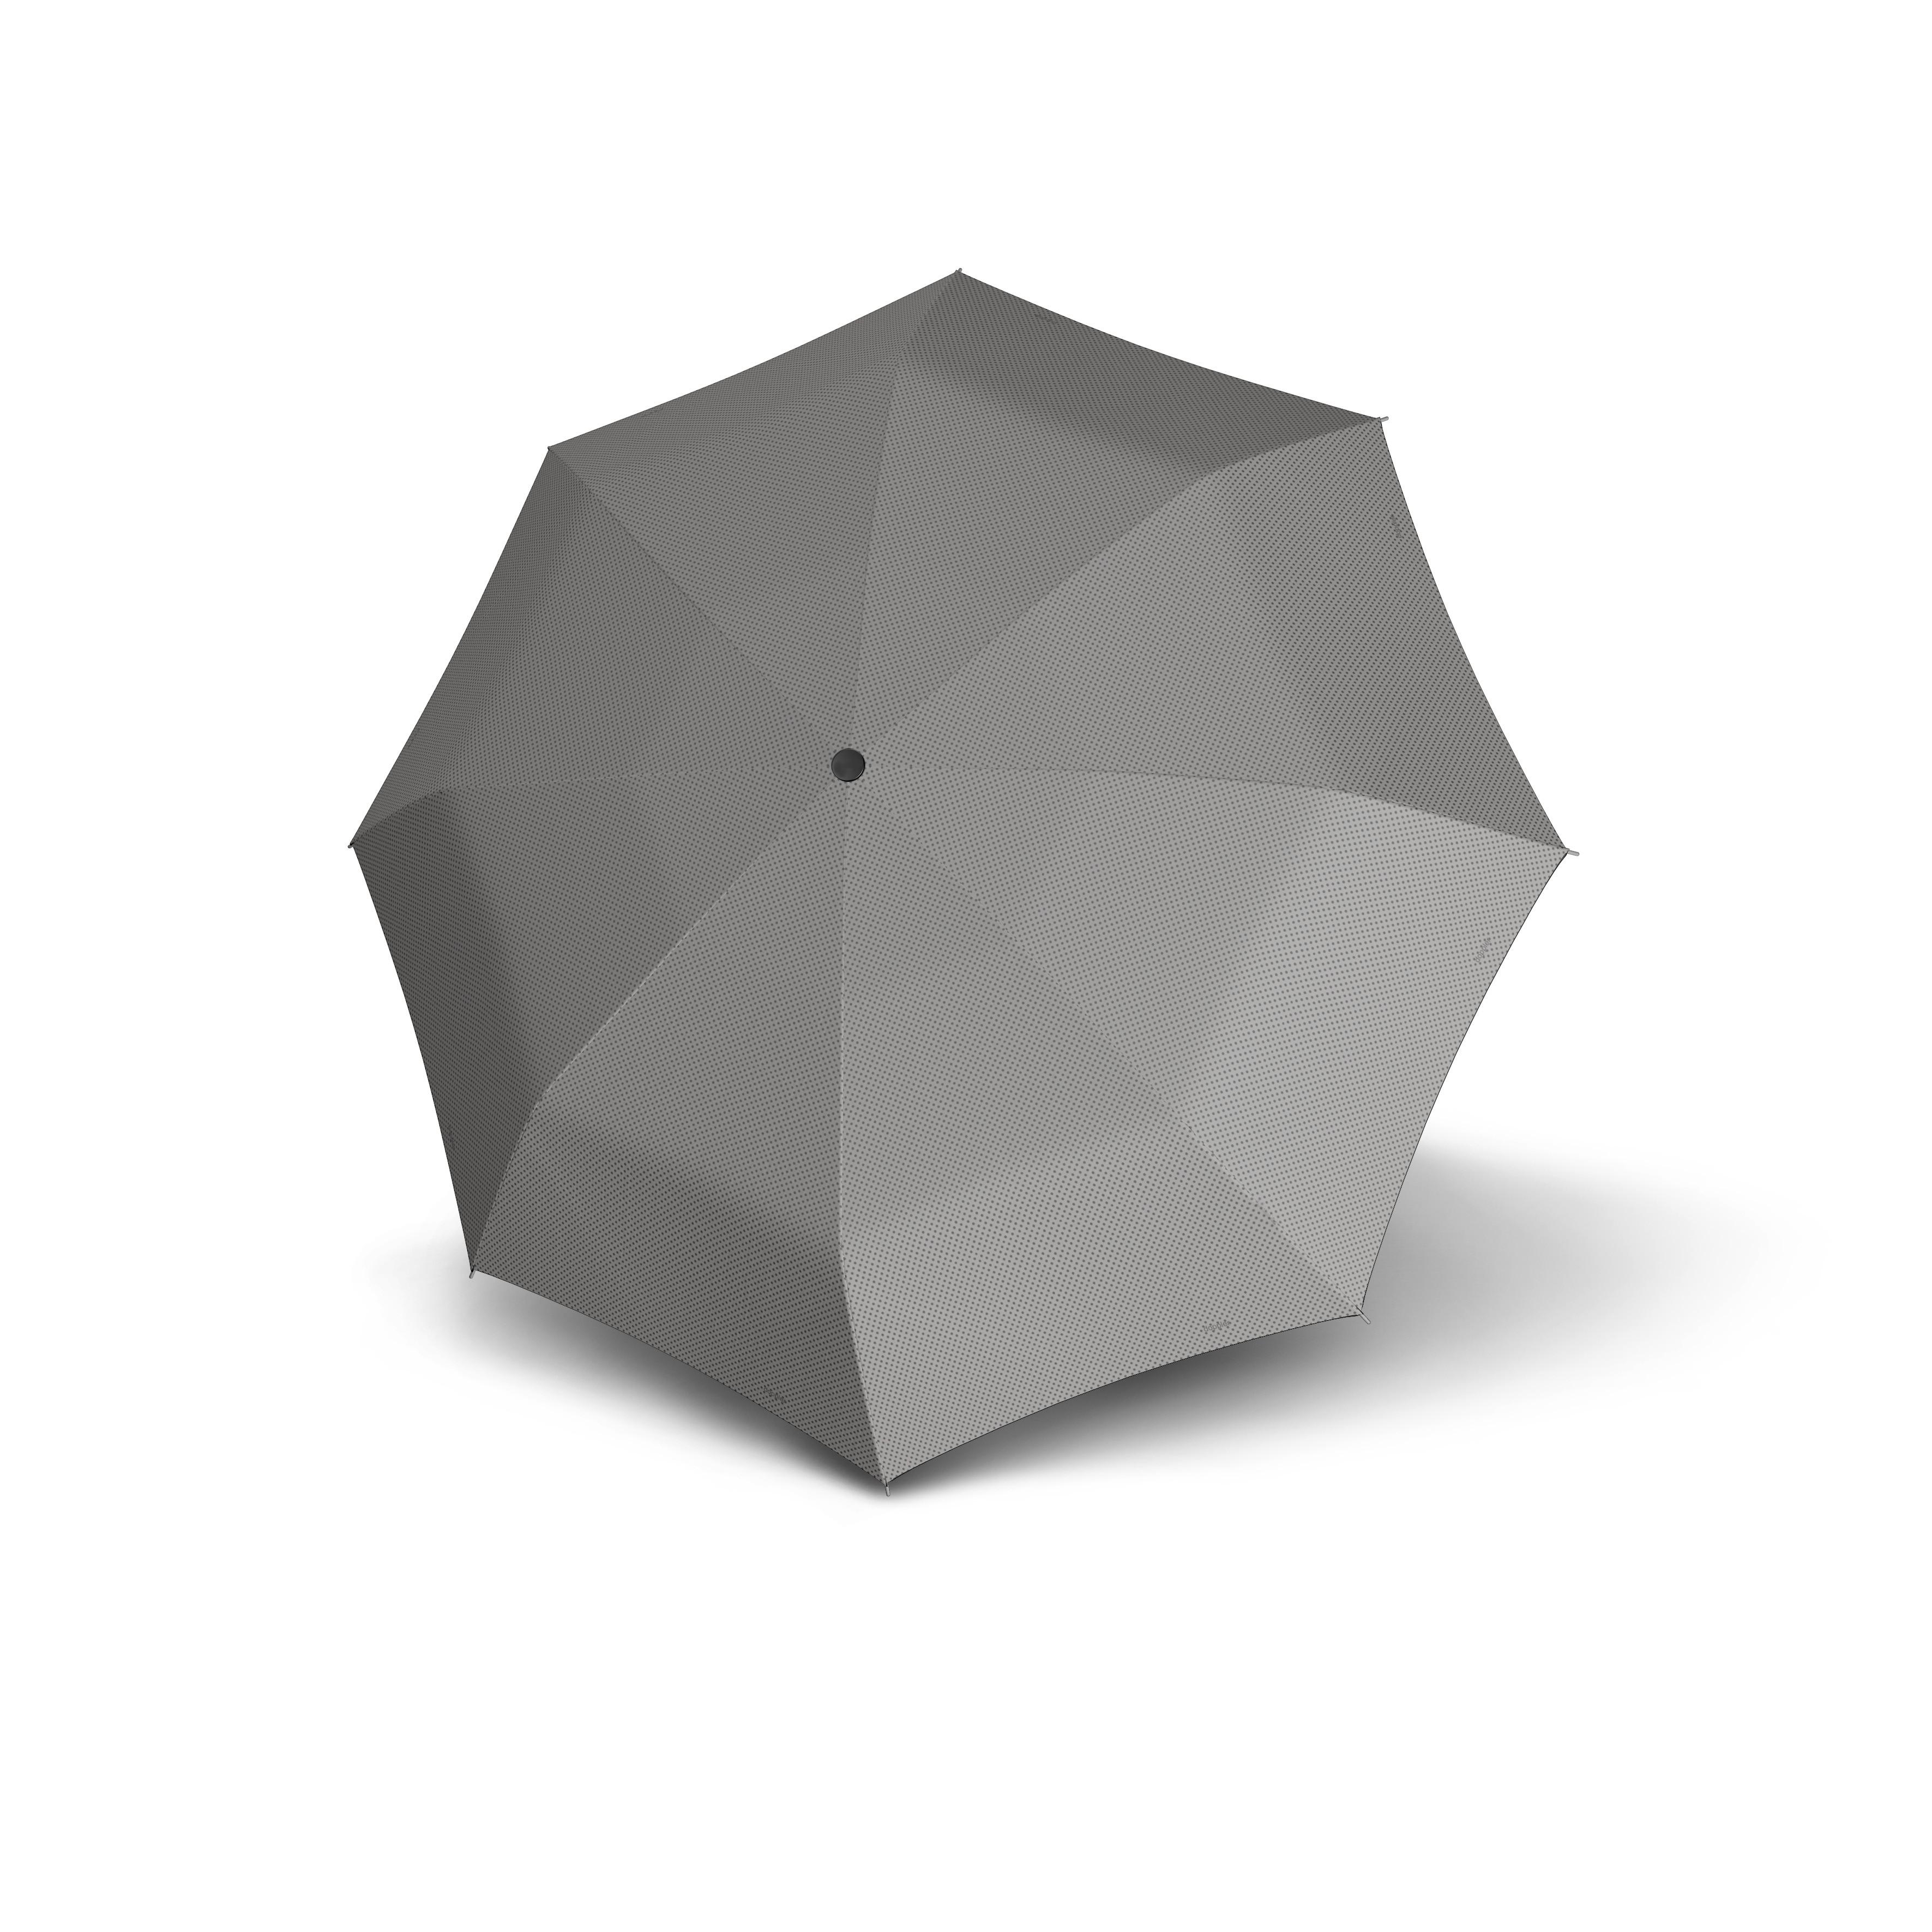 Šedý skládací mechanický dámský deštník Bruan